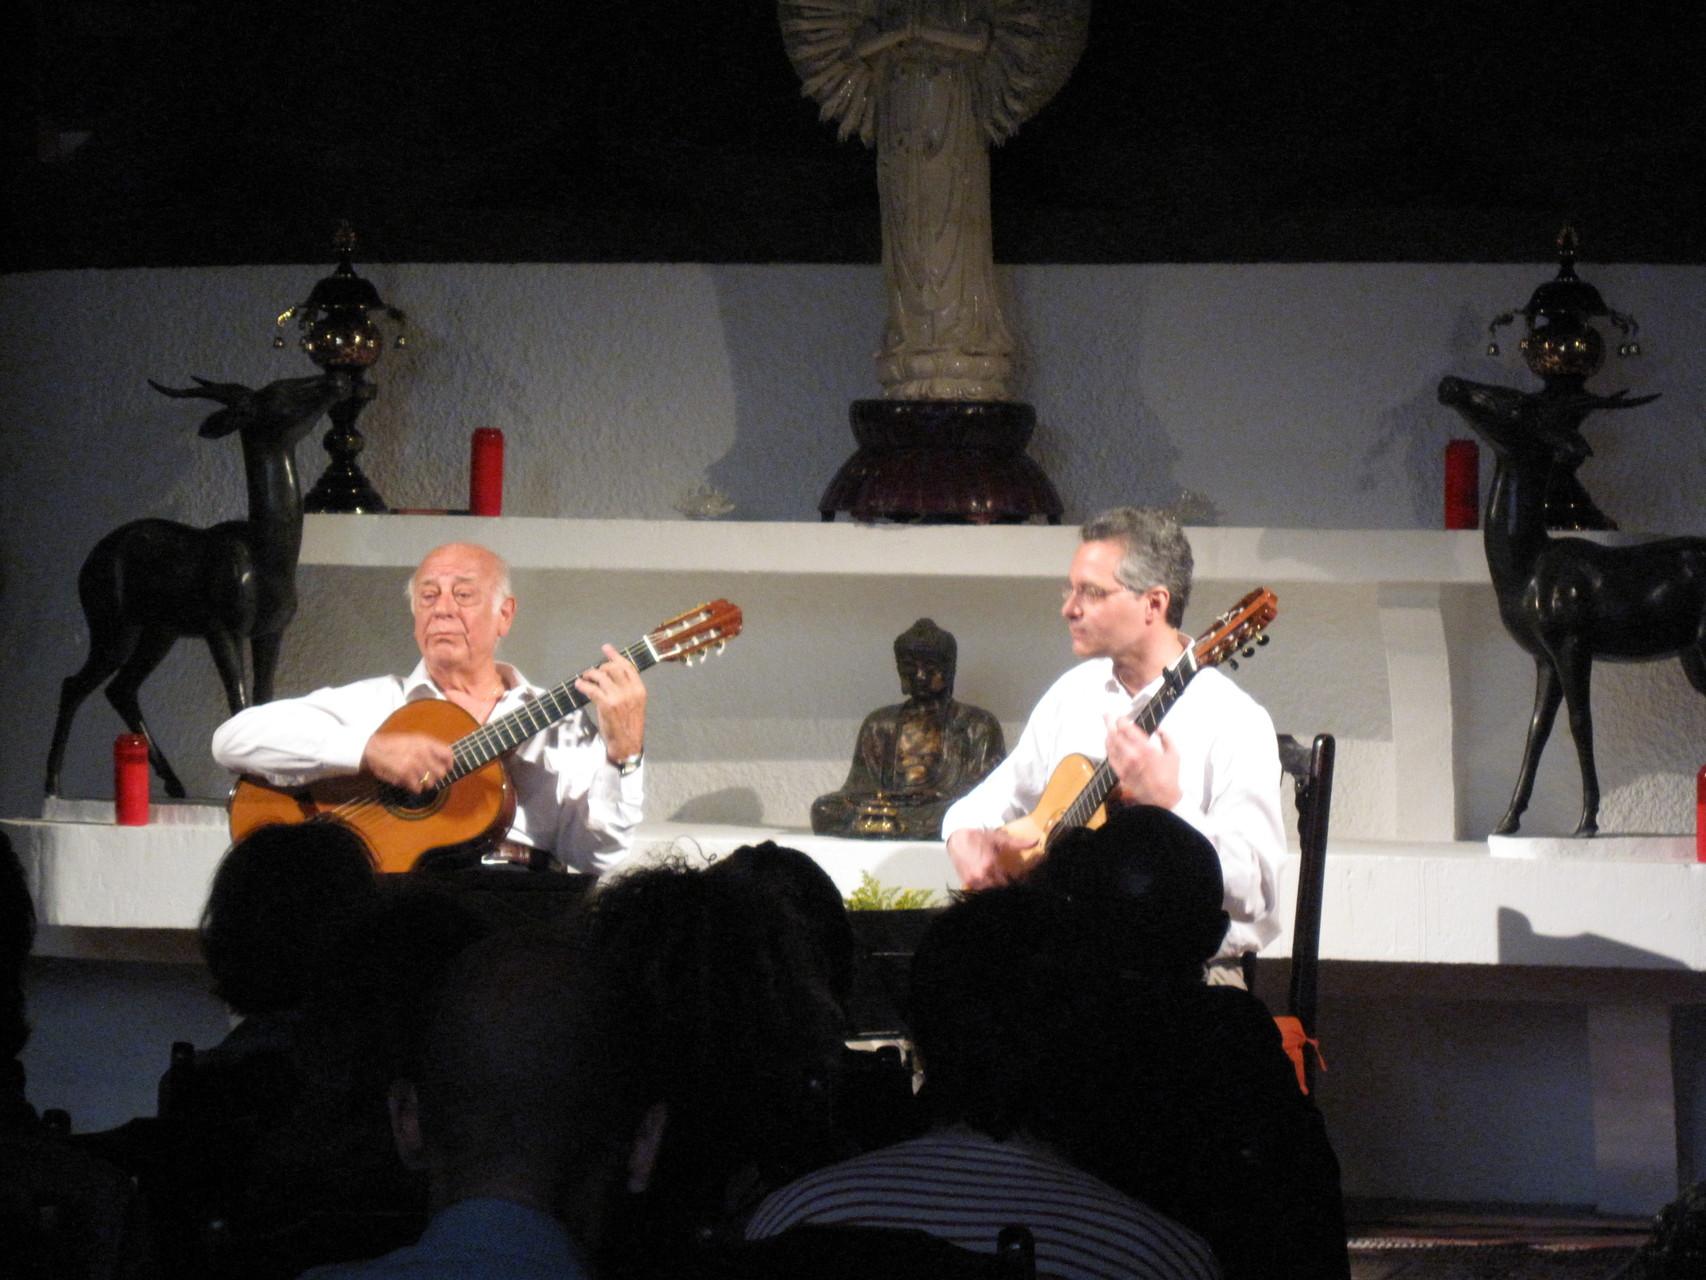 2012 - Tout le charme et l'ambiance de la musique latino-américaine.